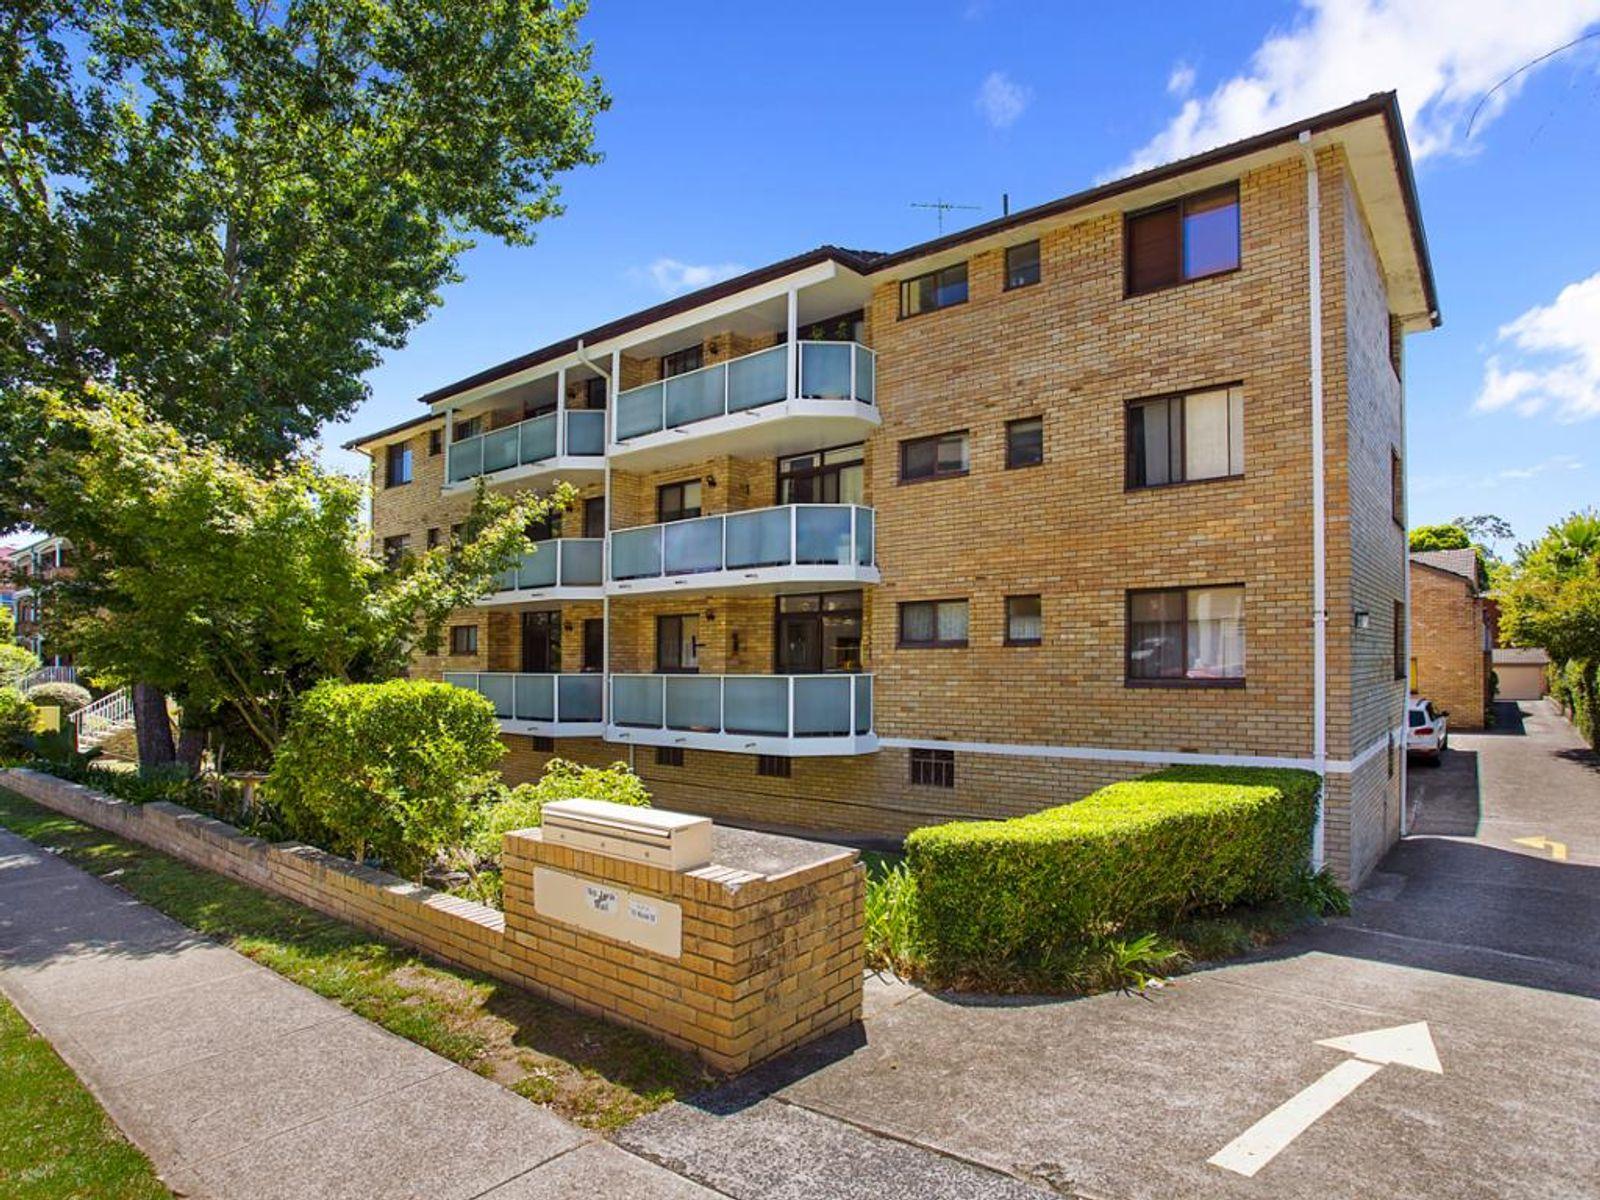 16/10 Muriel Street, Hornsby, NSW 2077